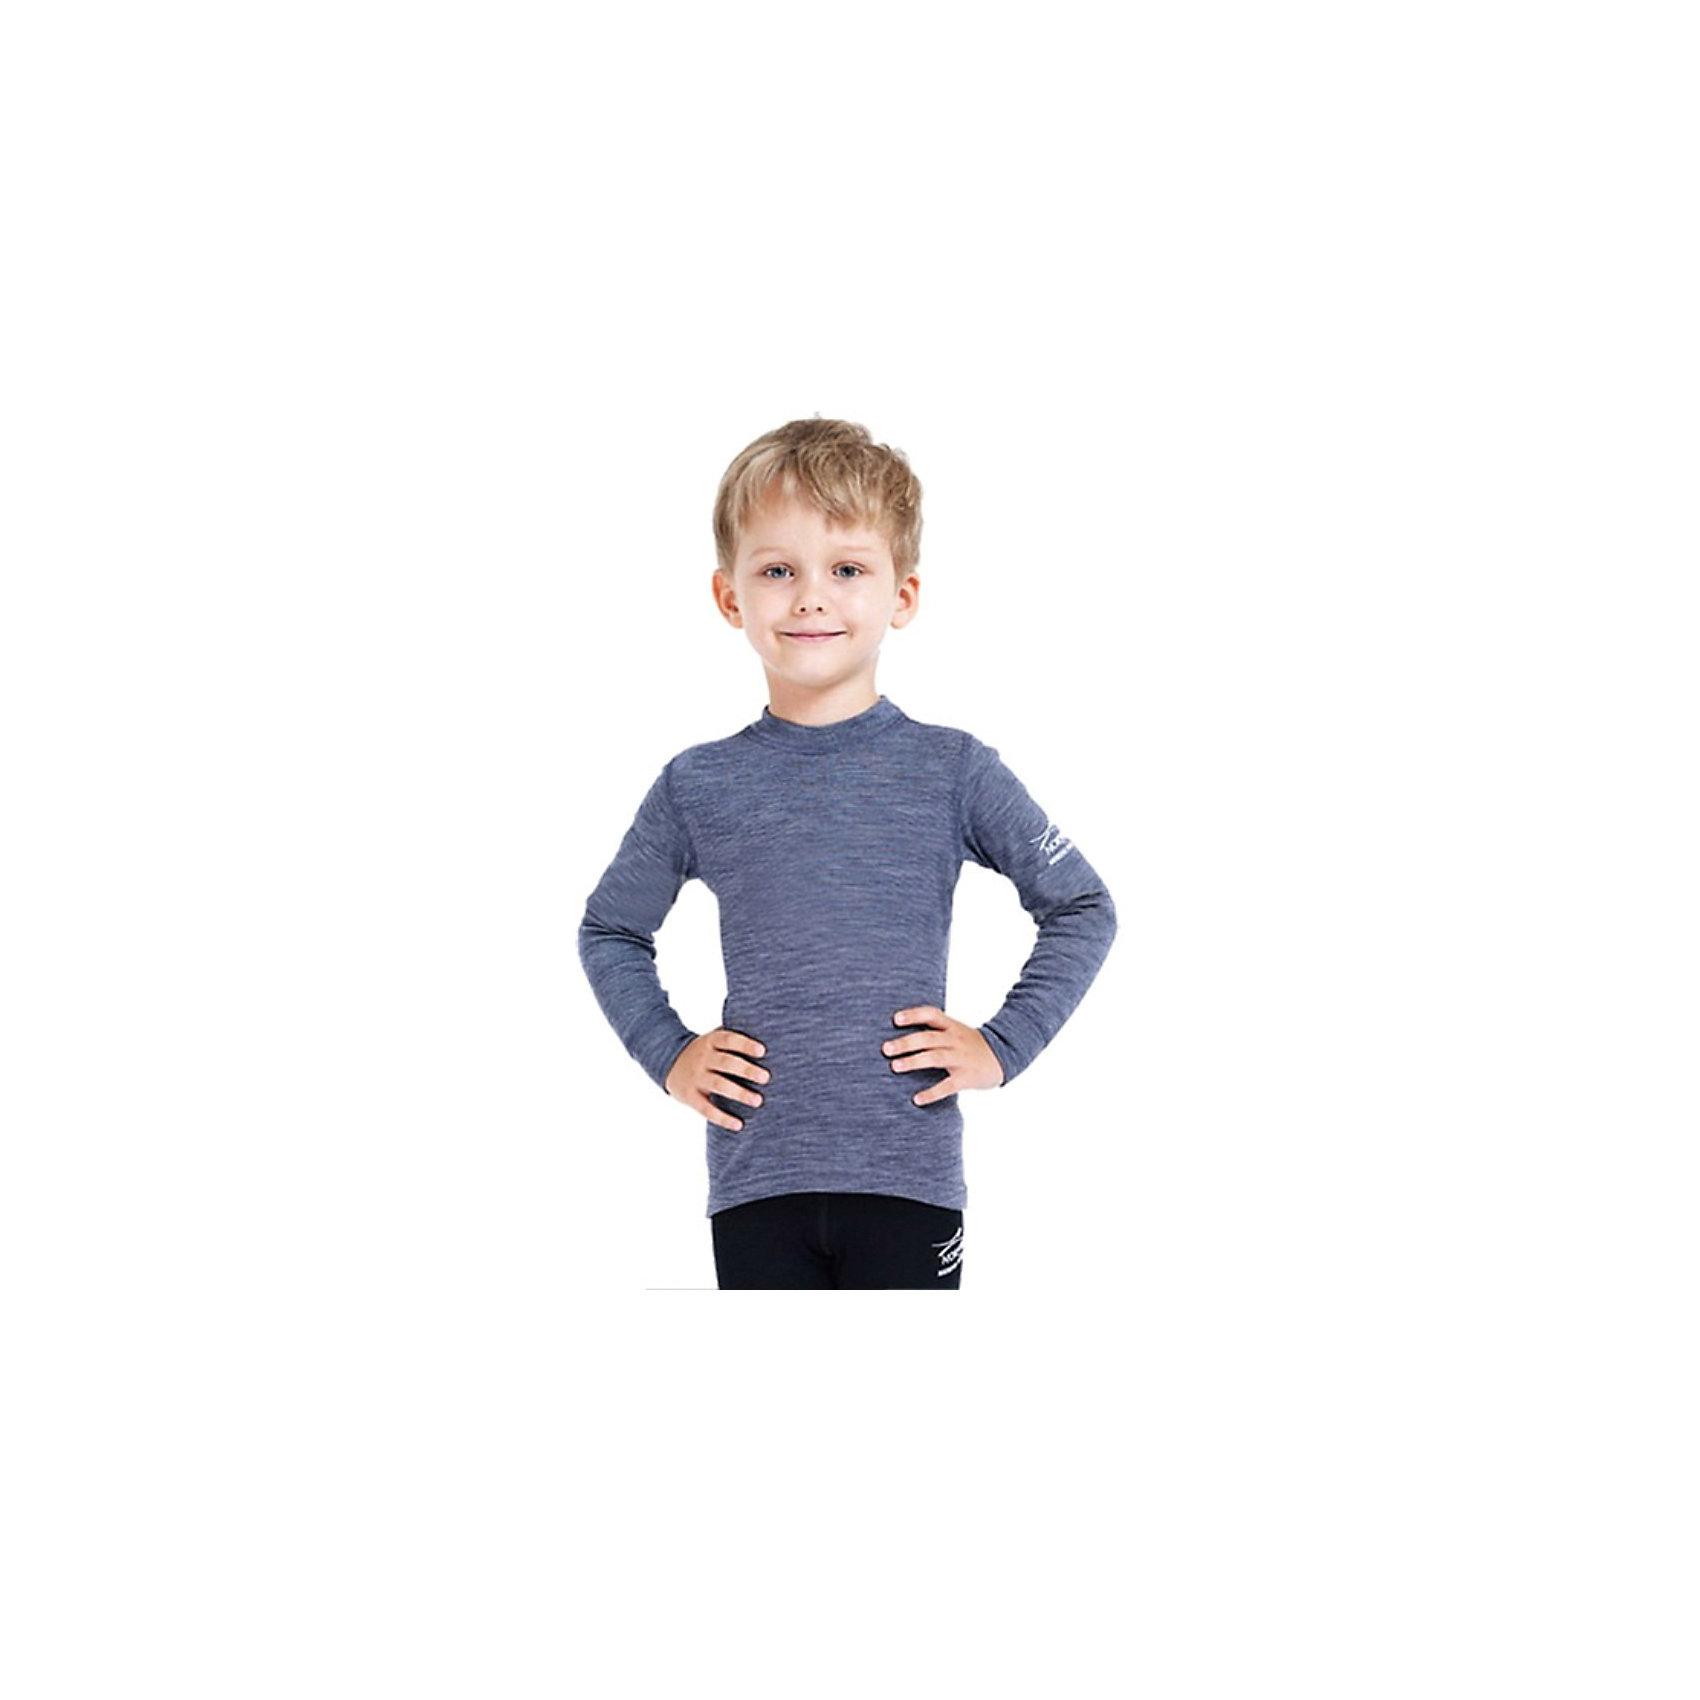 Водолазка для мальчика NorvegВодолазка от известного бренда Norveg<br><br>Термоводолазка Norveg Soft City Style от немецкой компании Norveg (Норвег) - это удобная и красивая одежда, которая обеспечит комфортную терморегуляцию тела и на улице, и в помещении. <br>Она сделана из шерсти мериноса (австралийской тонкорунной овцы), которая обладает гипоаллергенными свойствами, поэтому не вызывает раздражения, даже если надета на голое тело.<br><br>Отличительные особенности модели:<br><br>- цвет: серый;<br>- швы плоские, не натирают и не мешают движению;<br>- анатомические резинки;<br>- материал впитывает влагу и сразу выводит наружу;<br>- анатомический крой;<br>- подходит и мальчикам, и девочкам;<br>- не мешает под одеждой.<br><br>Дополнительная информация:<br><br>- Температурный режим: от - 20° С  до +20° С.<br><br>- Состав: 100% шерсть мериноса<br><br>Водолазку Norveg (Норвег) можно купить в нашем магазине.<br><br>Ширина мм: 230<br>Глубина мм: 40<br>Высота мм: 220<br>Вес г: 250<br>Цвет: серый<br>Возраст от месяцев: 12<br>Возраст до месяцев: 15<br>Пол: Мужской<br>Возраст: Детский<br>Размер: 80/86,68/74,104/110,128/134,116/122,92/98,56/62<br>SKU: 3895062